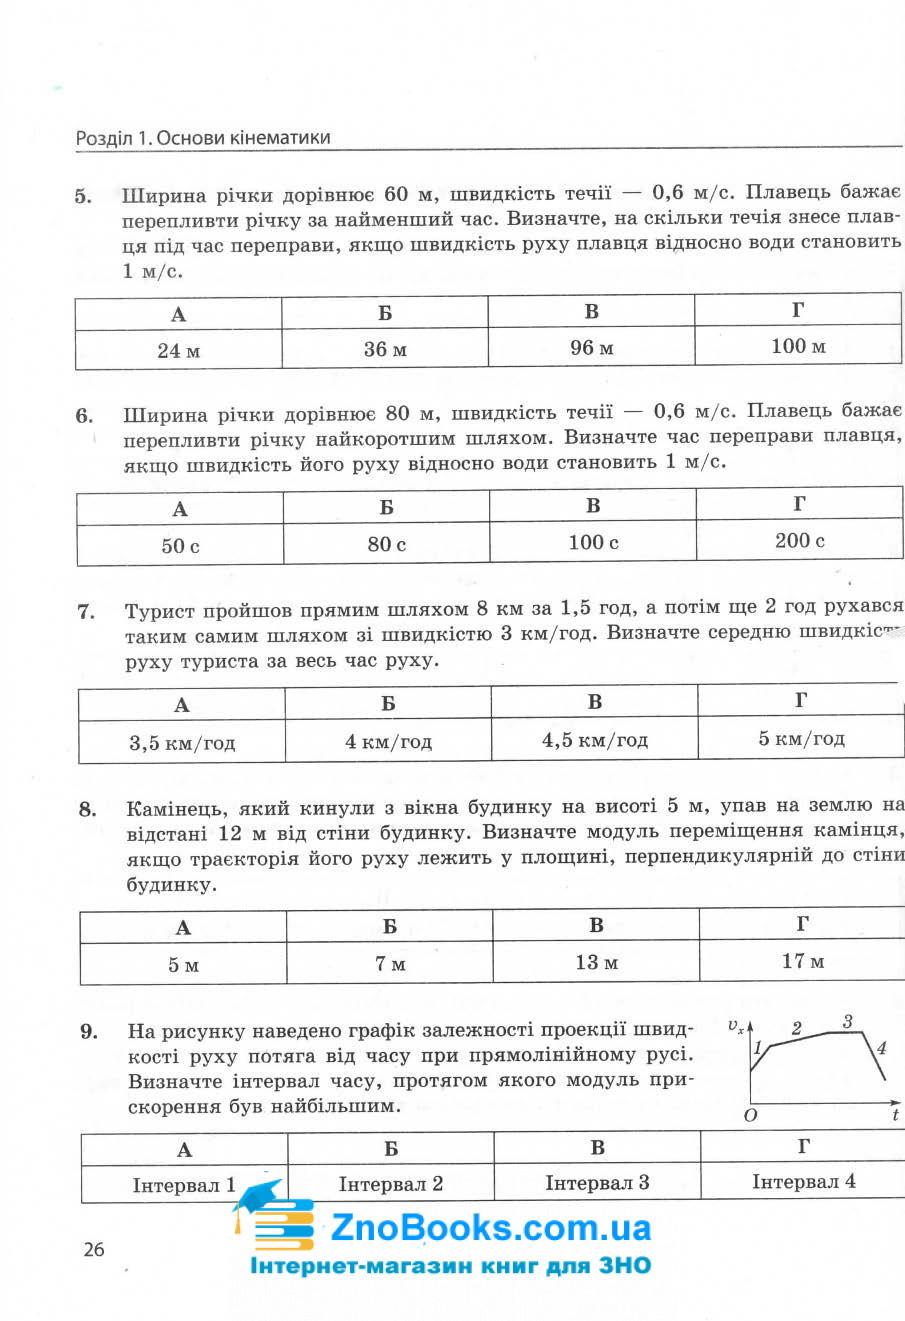 ЗНО 2022 фізика в тестах. Енциклопедія тестових завдань : Гельфгат І. Ранок. купити 9